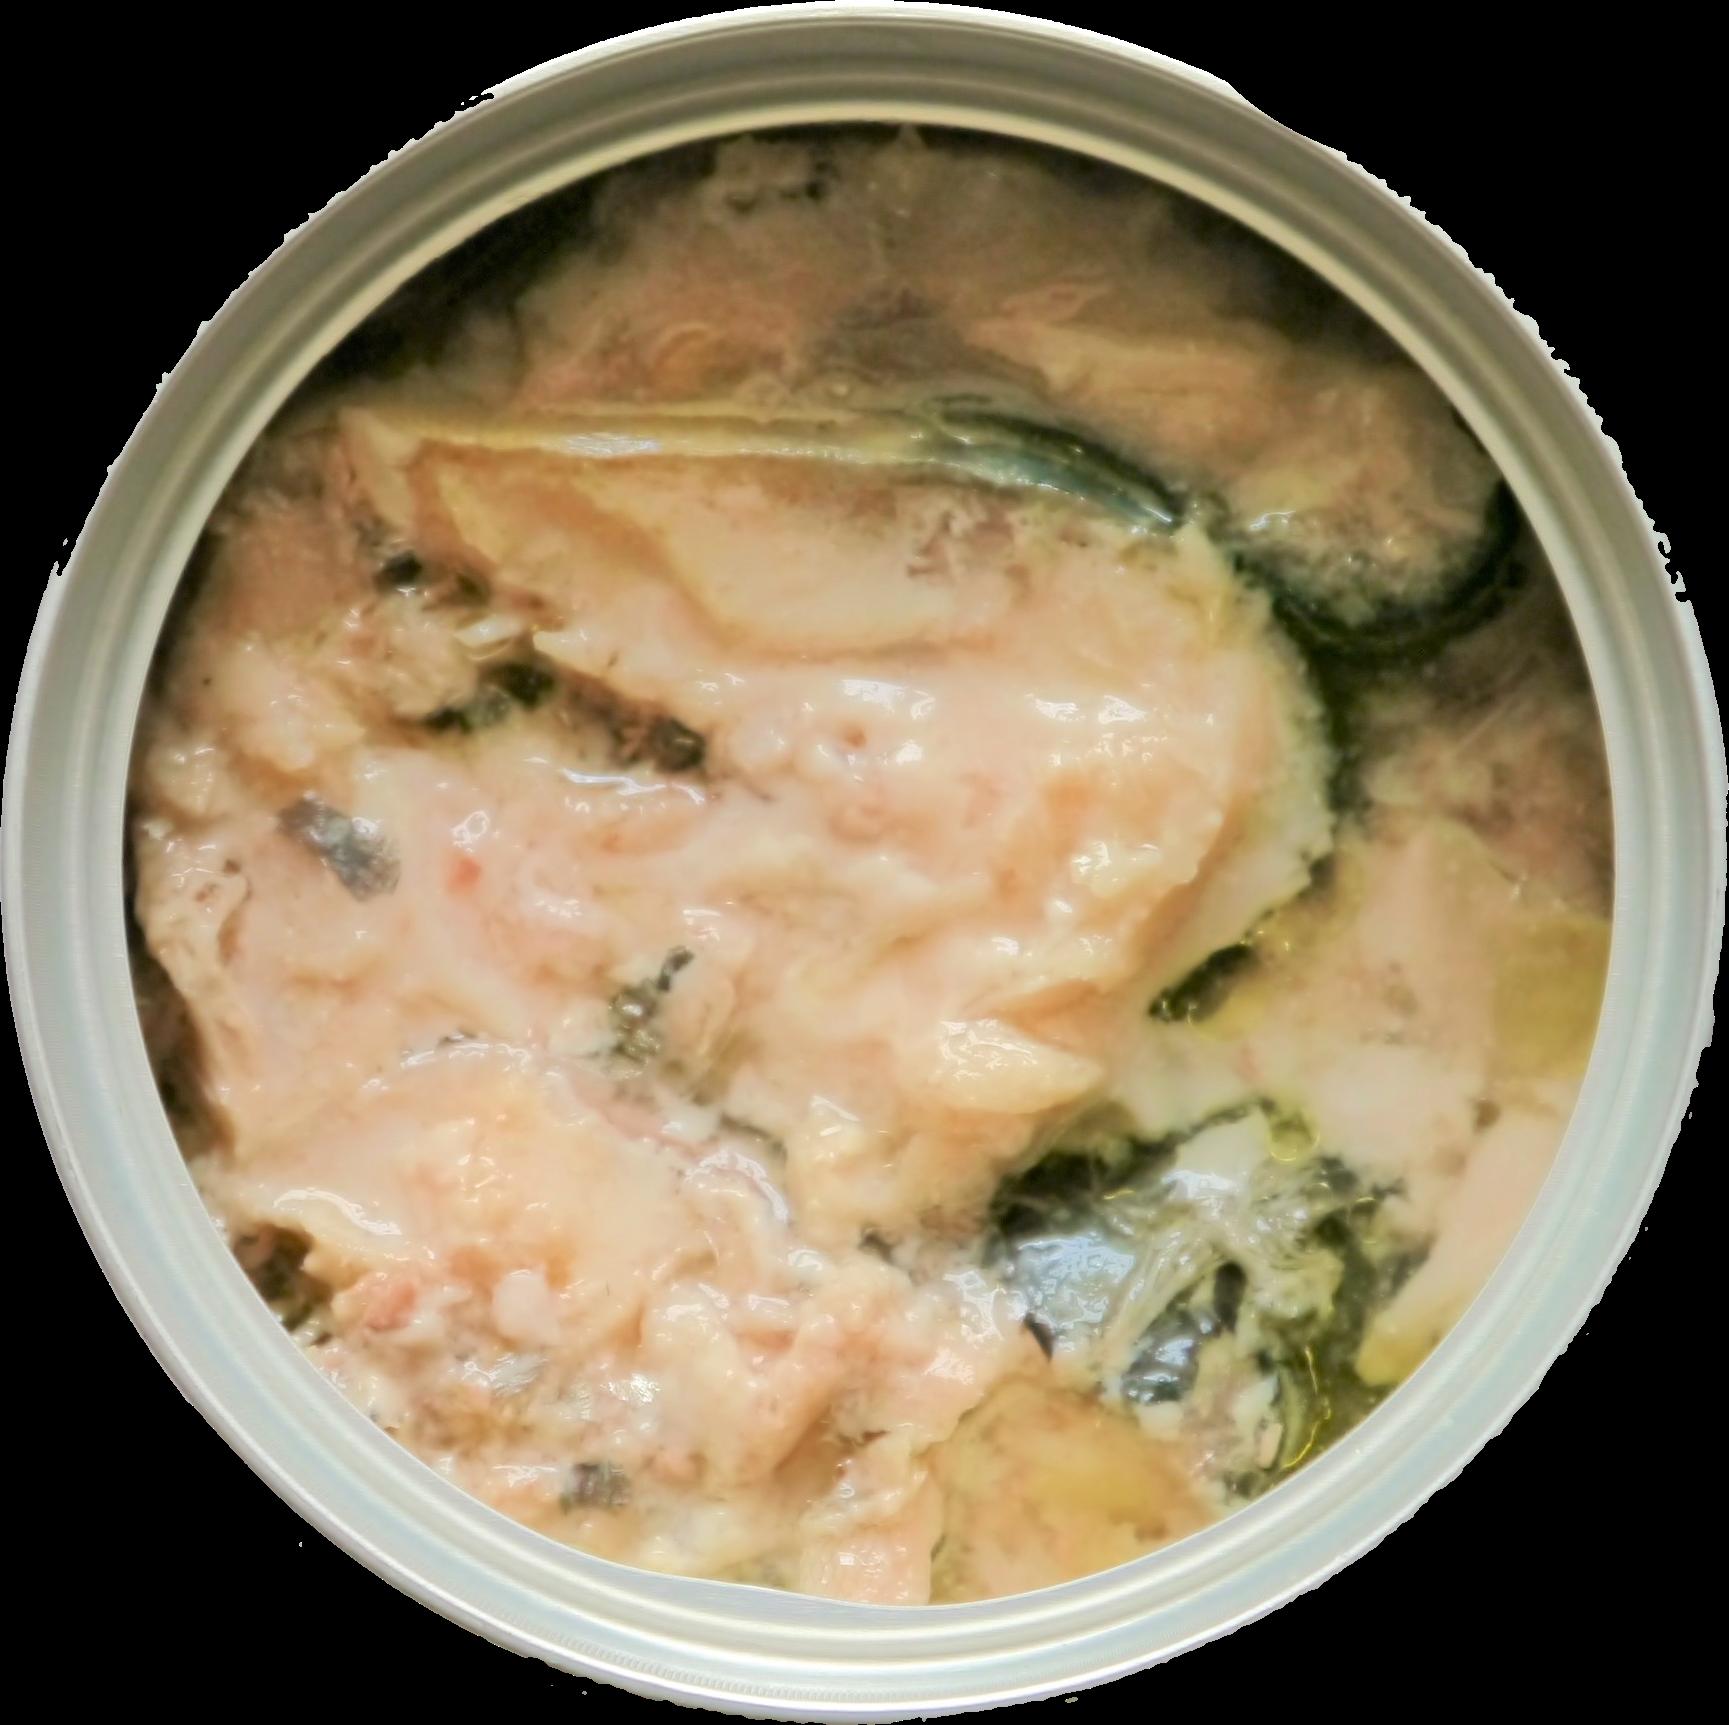 タイ産のサバ缶は酸化しているのか